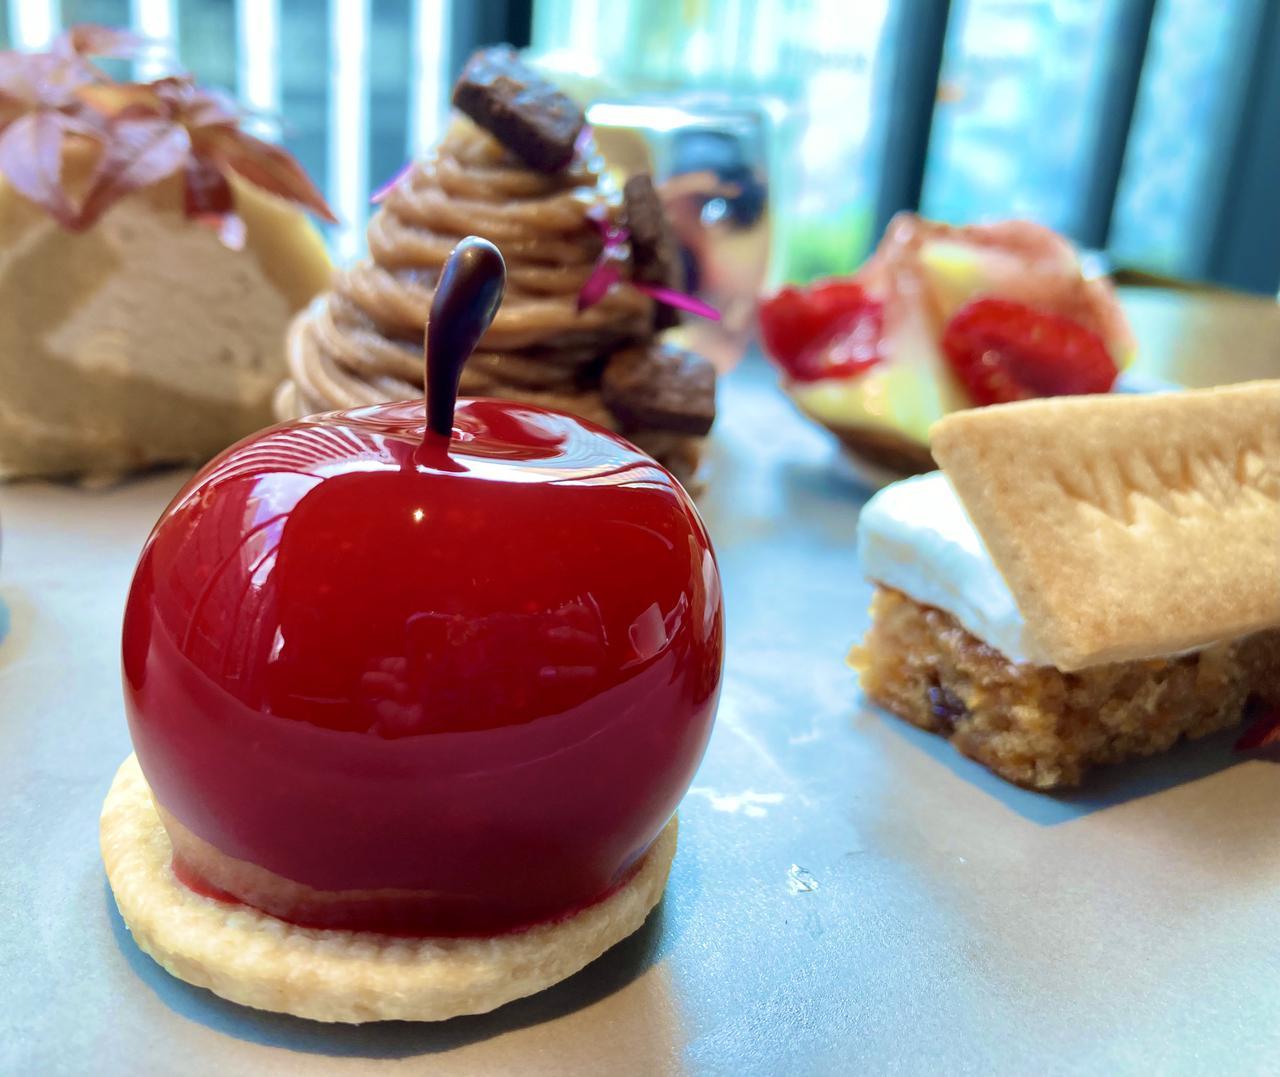 画像5: 美食の秋を堪能する6種のヴィーガンケーキたち